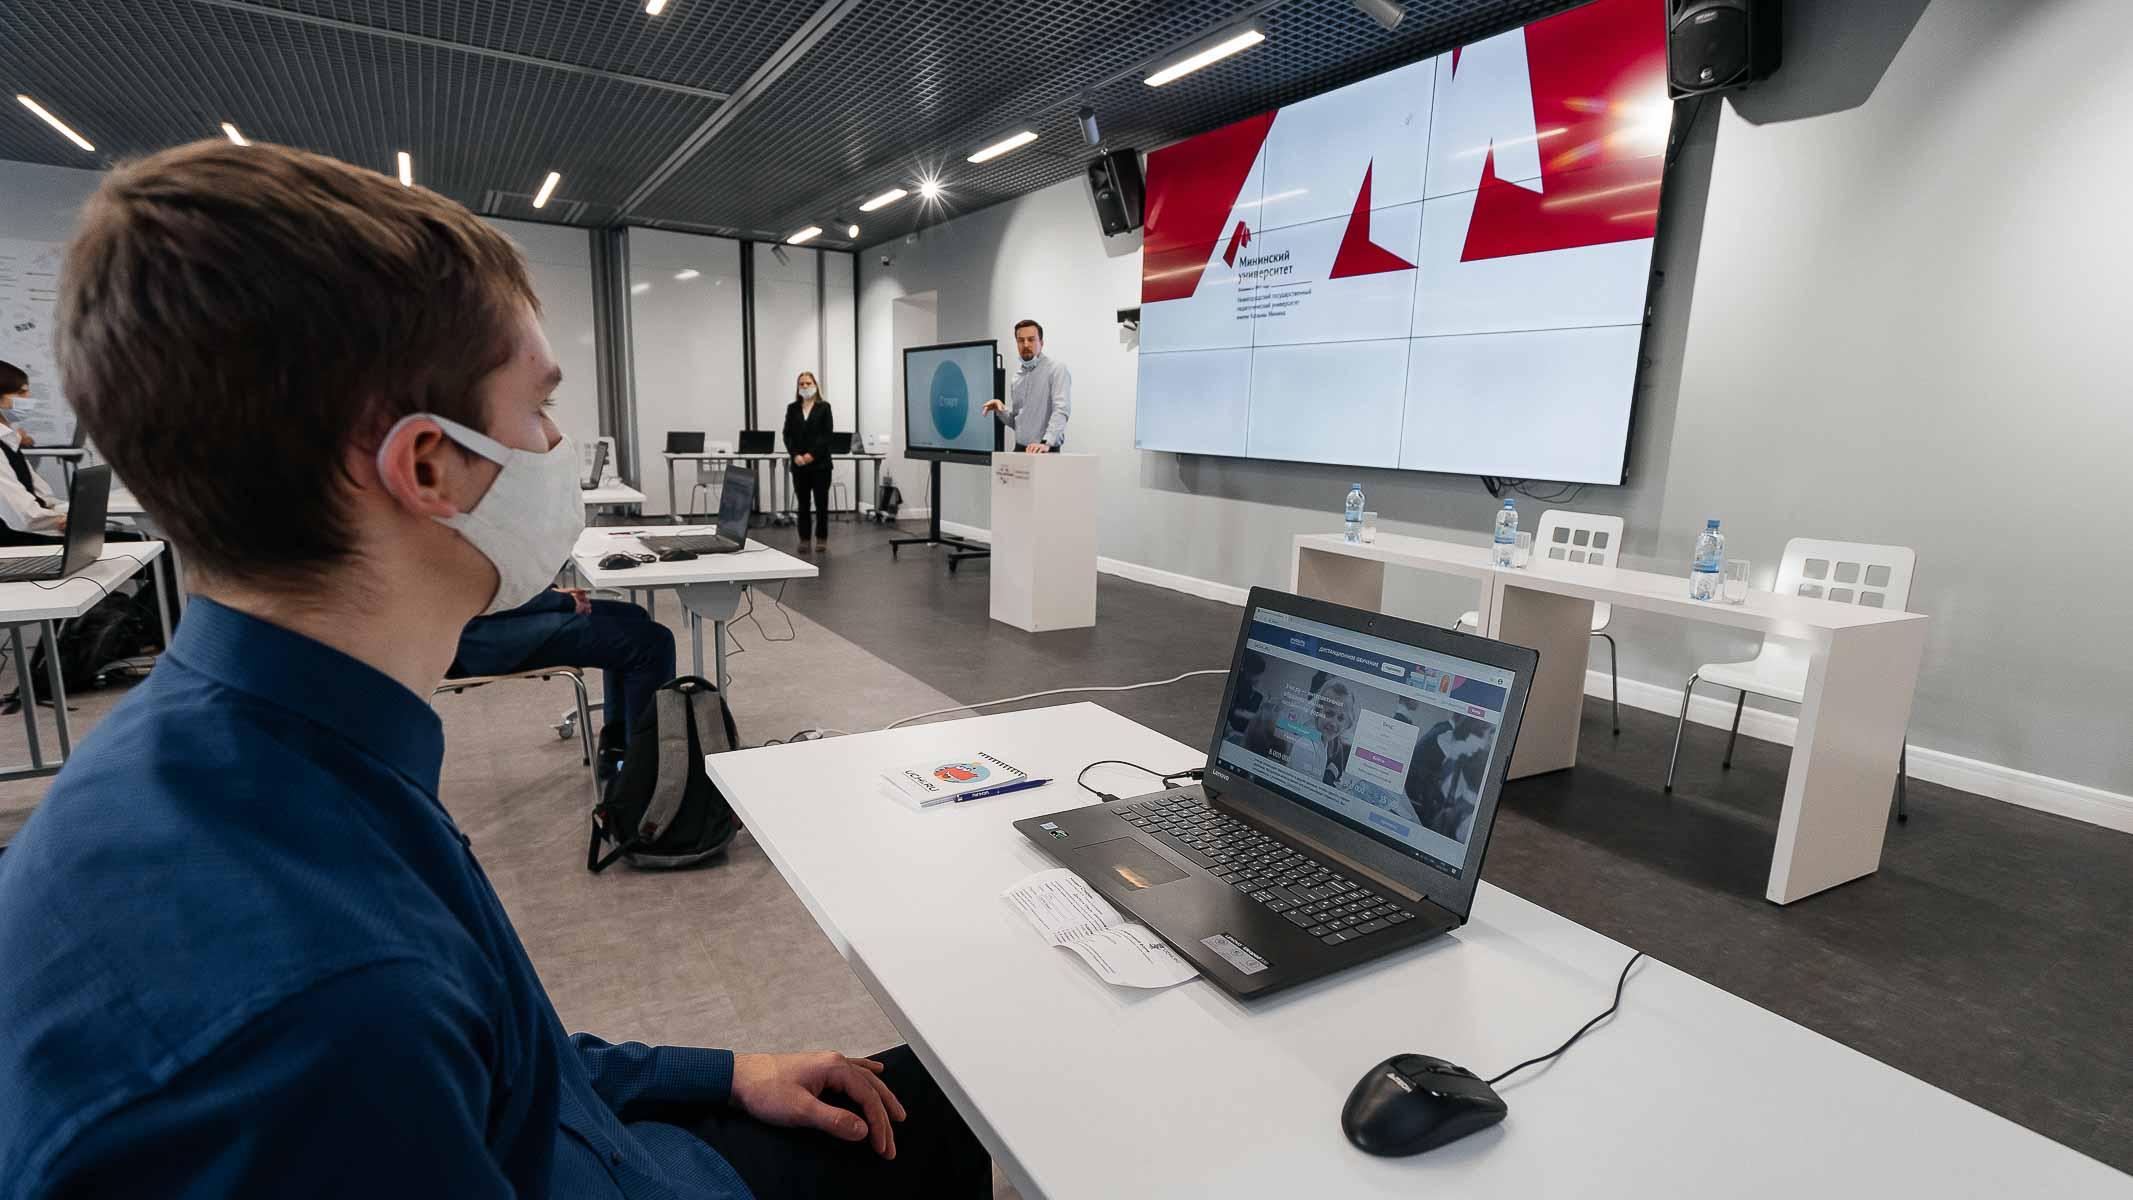 В Мининском университете дали старт онлайн-олимпиаде по математике «Учи.ру»